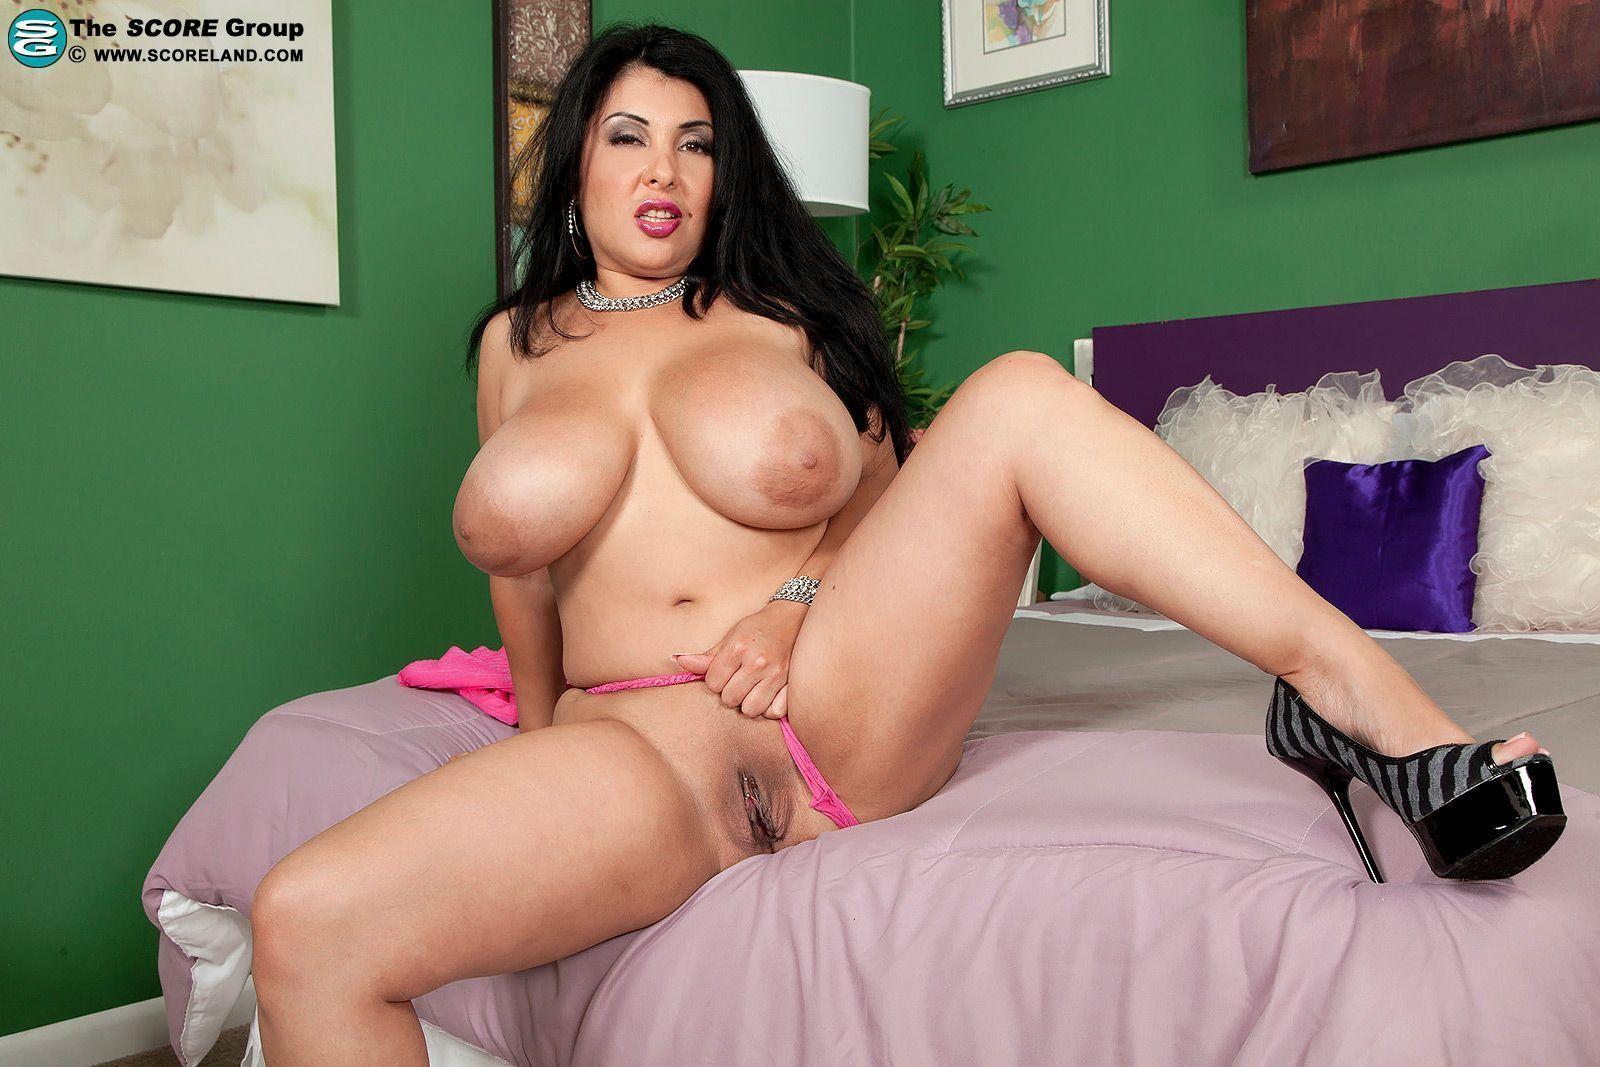 Hot natural boobs